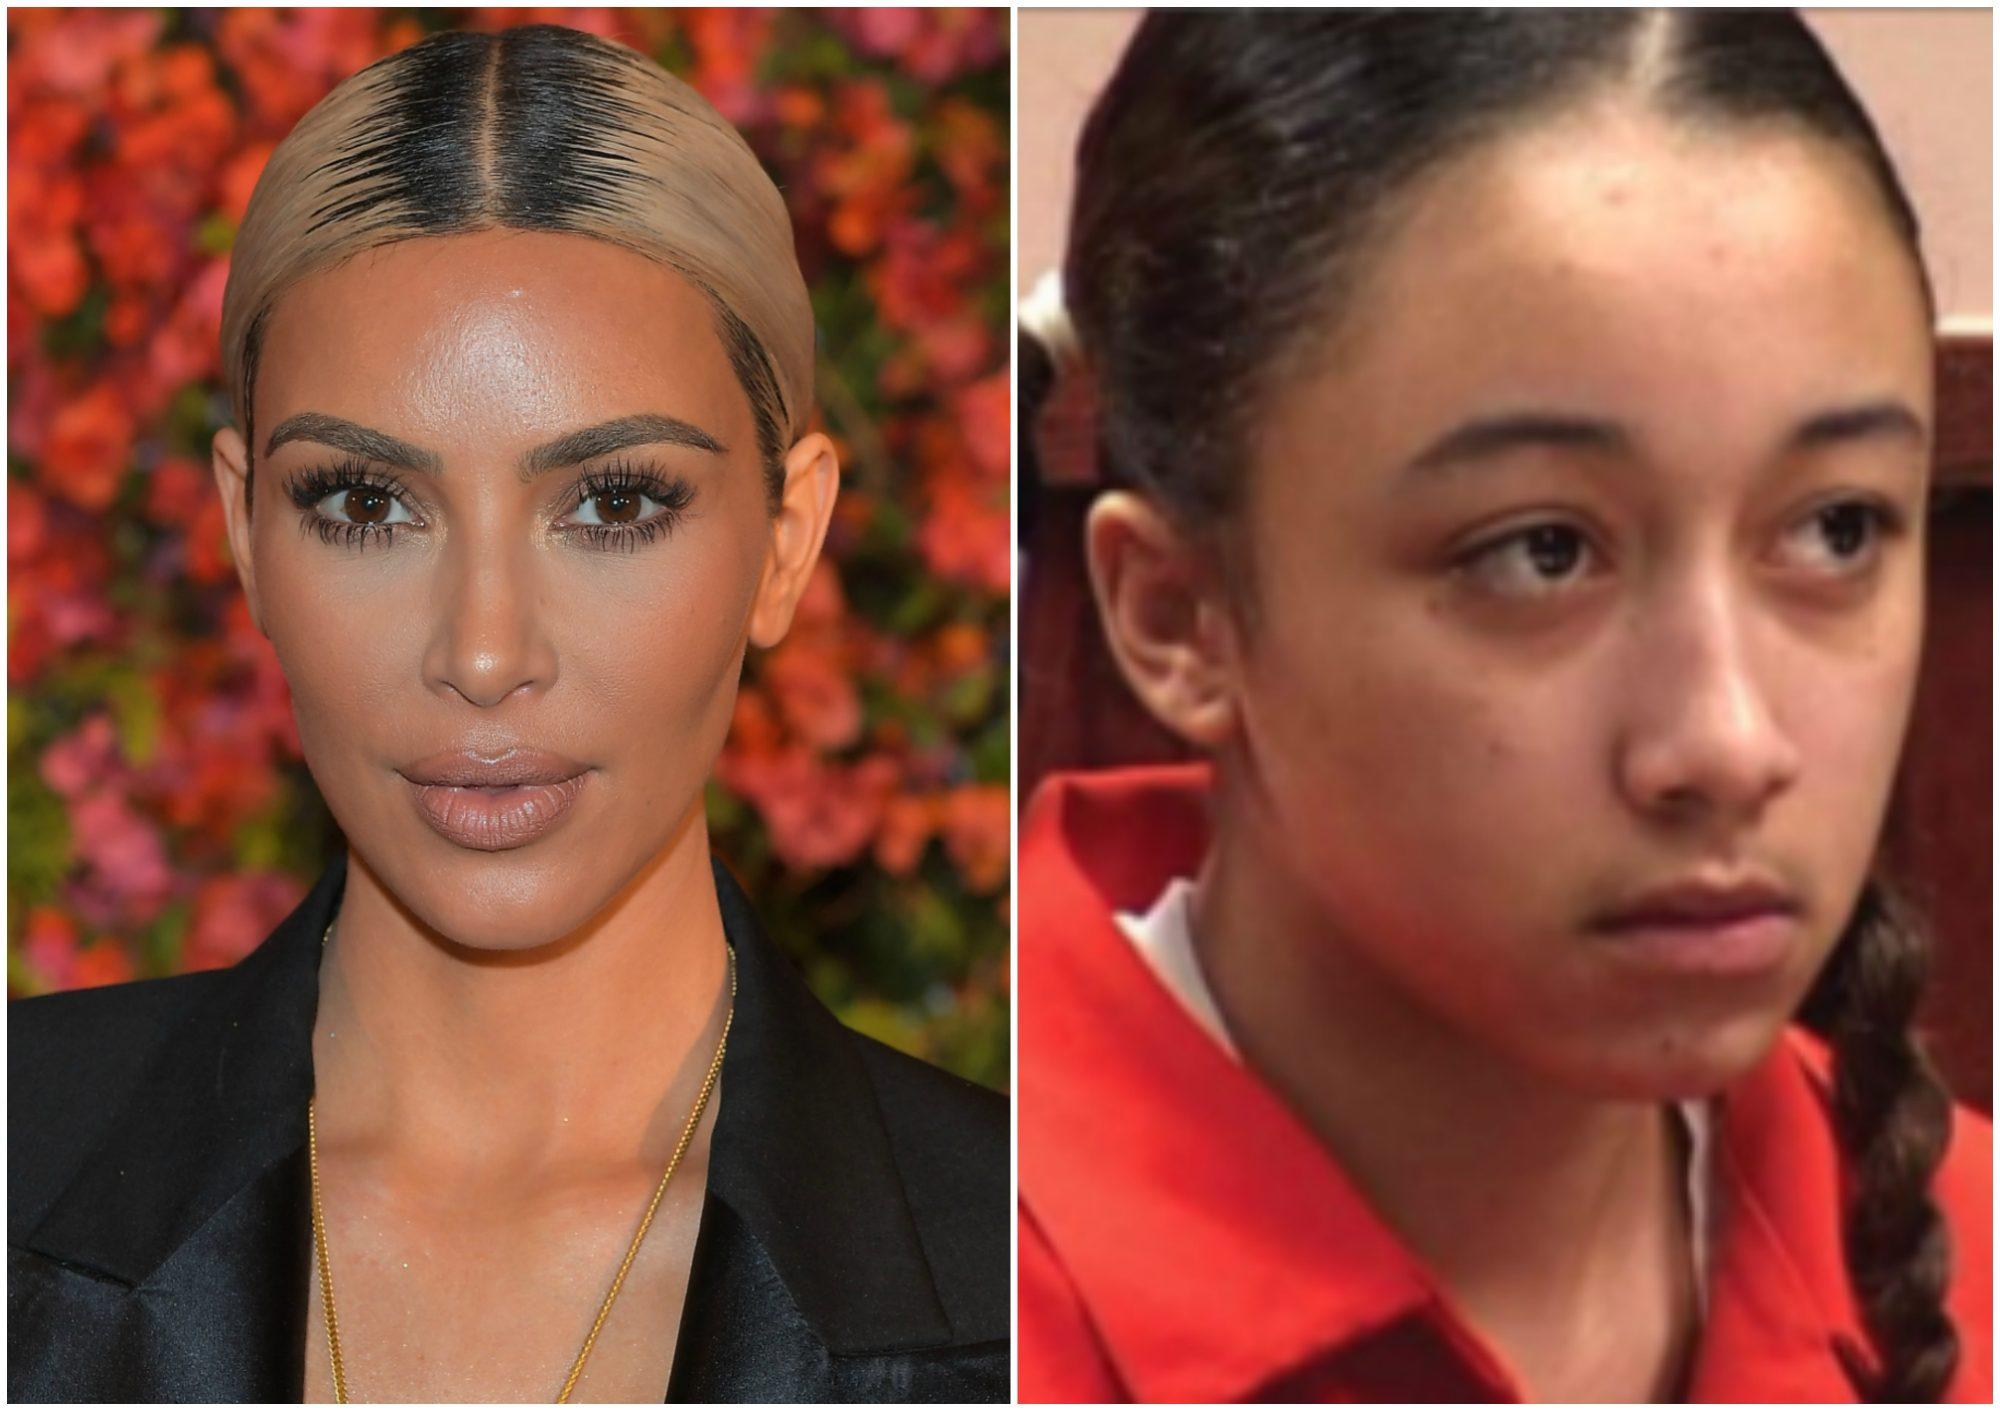 Image of Kim Kardashian and Cyntoia Brown